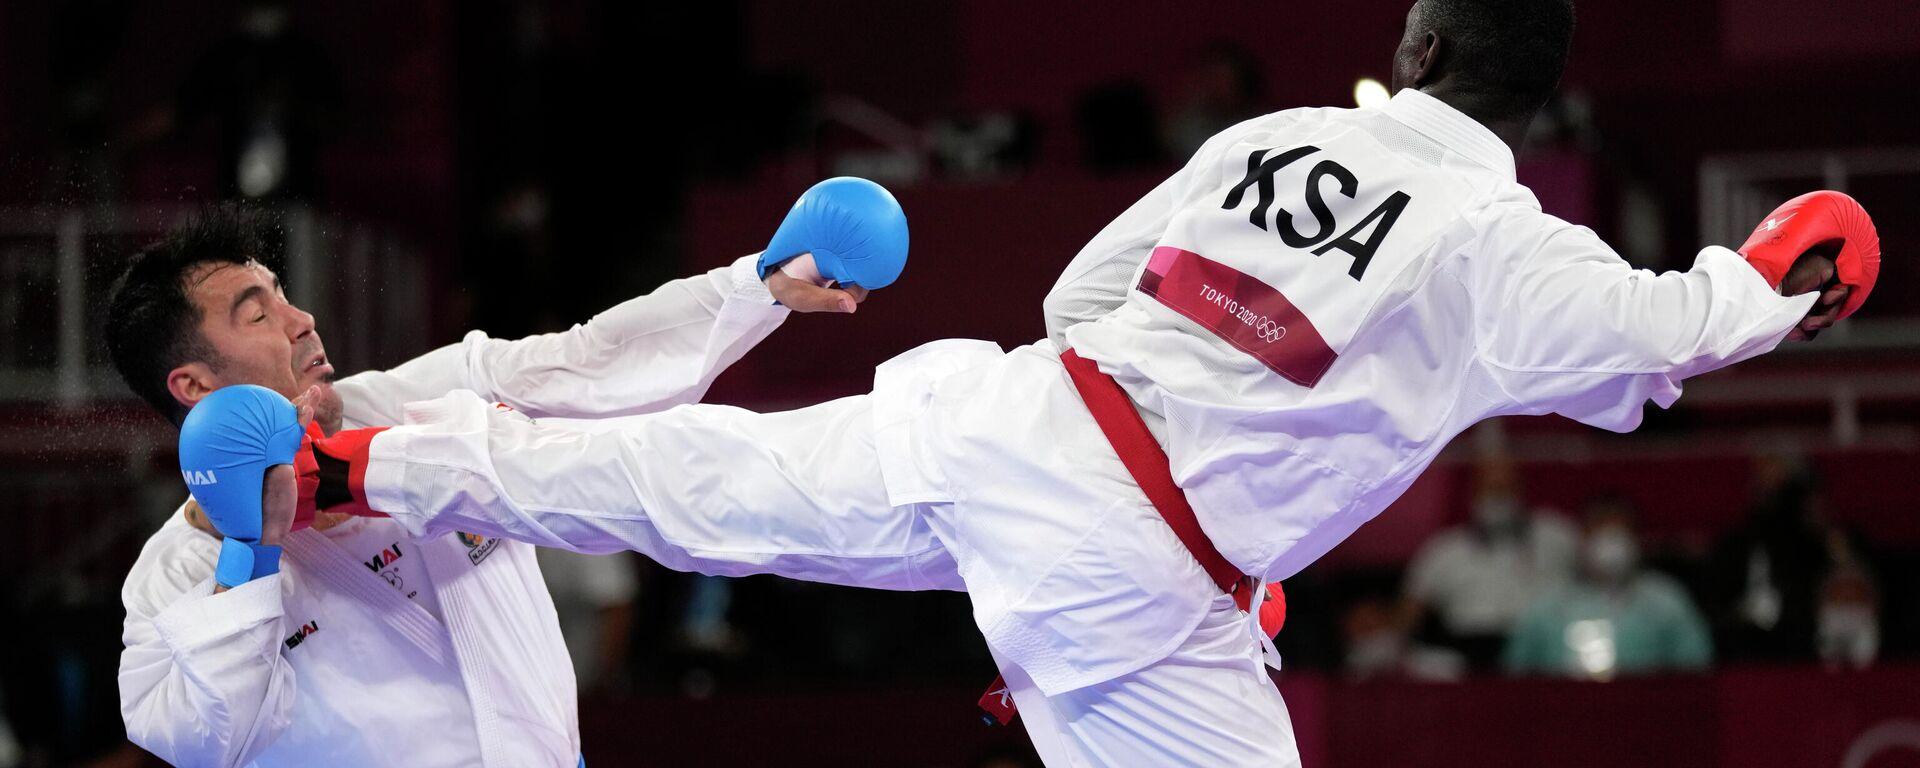 Nokaut koji je odlučio finale u karateu do 75kg na Olimpijskim igrama - Sputnik Srbija, 1920, 07.08.2021